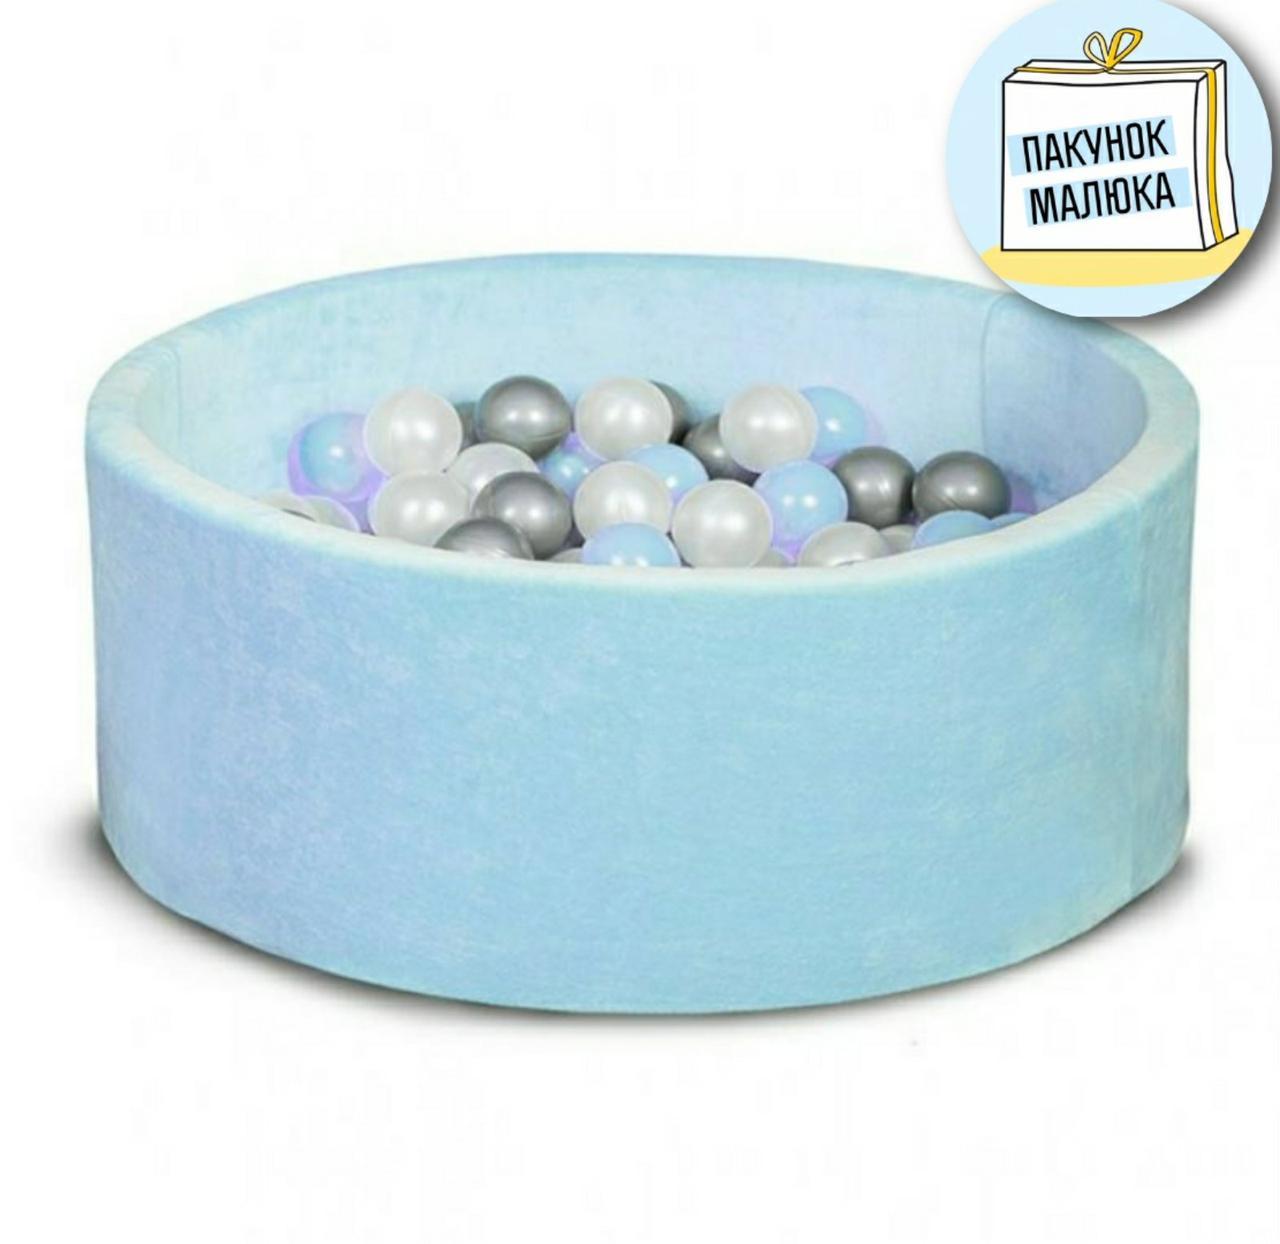 Сухий басейн ігровий! Блакитний колір